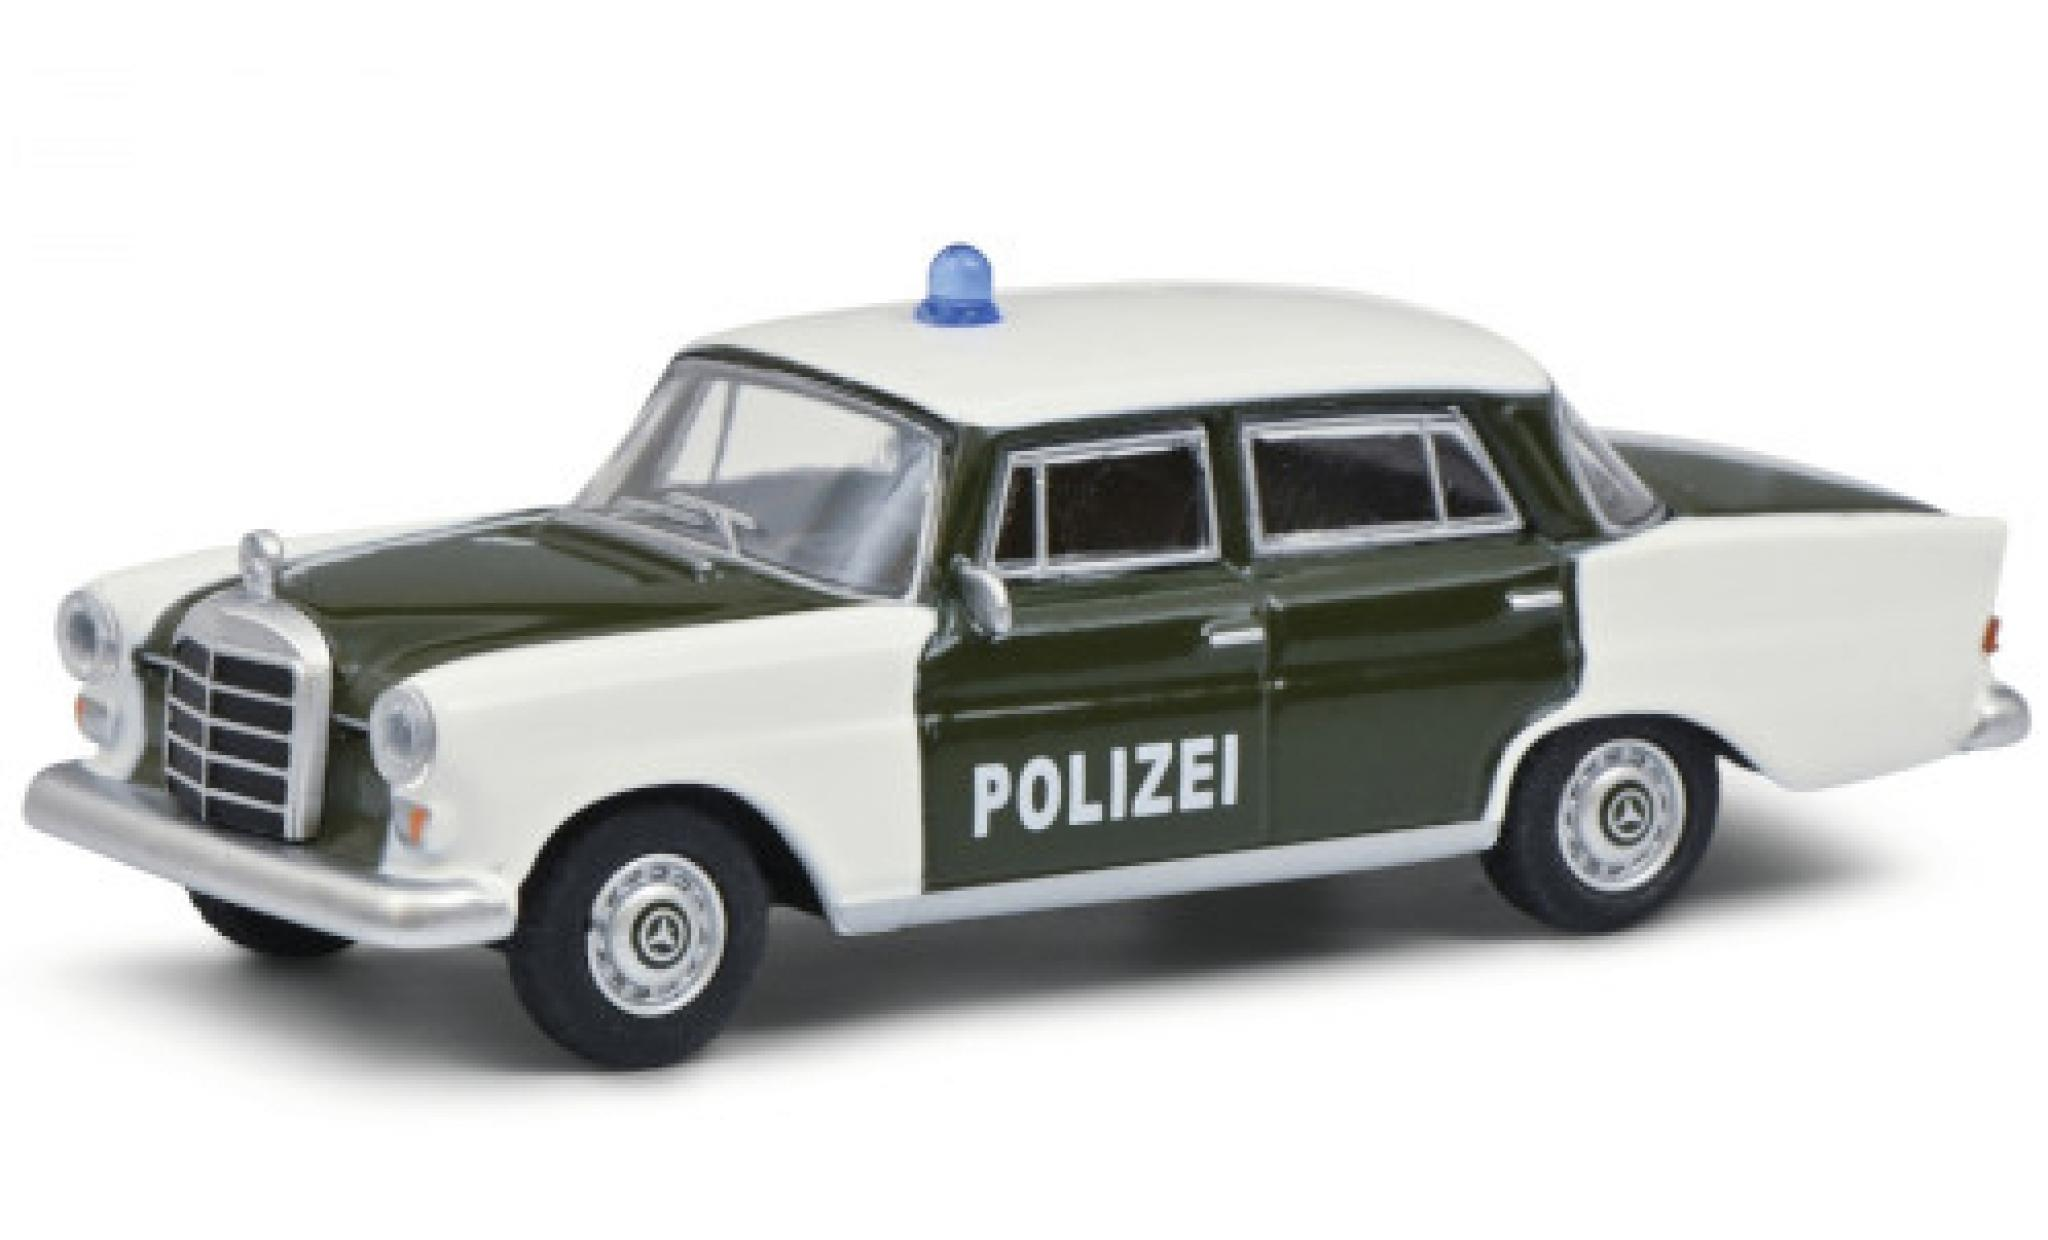 Mercedes 200 1/64 Schuco (W110) green/white Polizei 1961